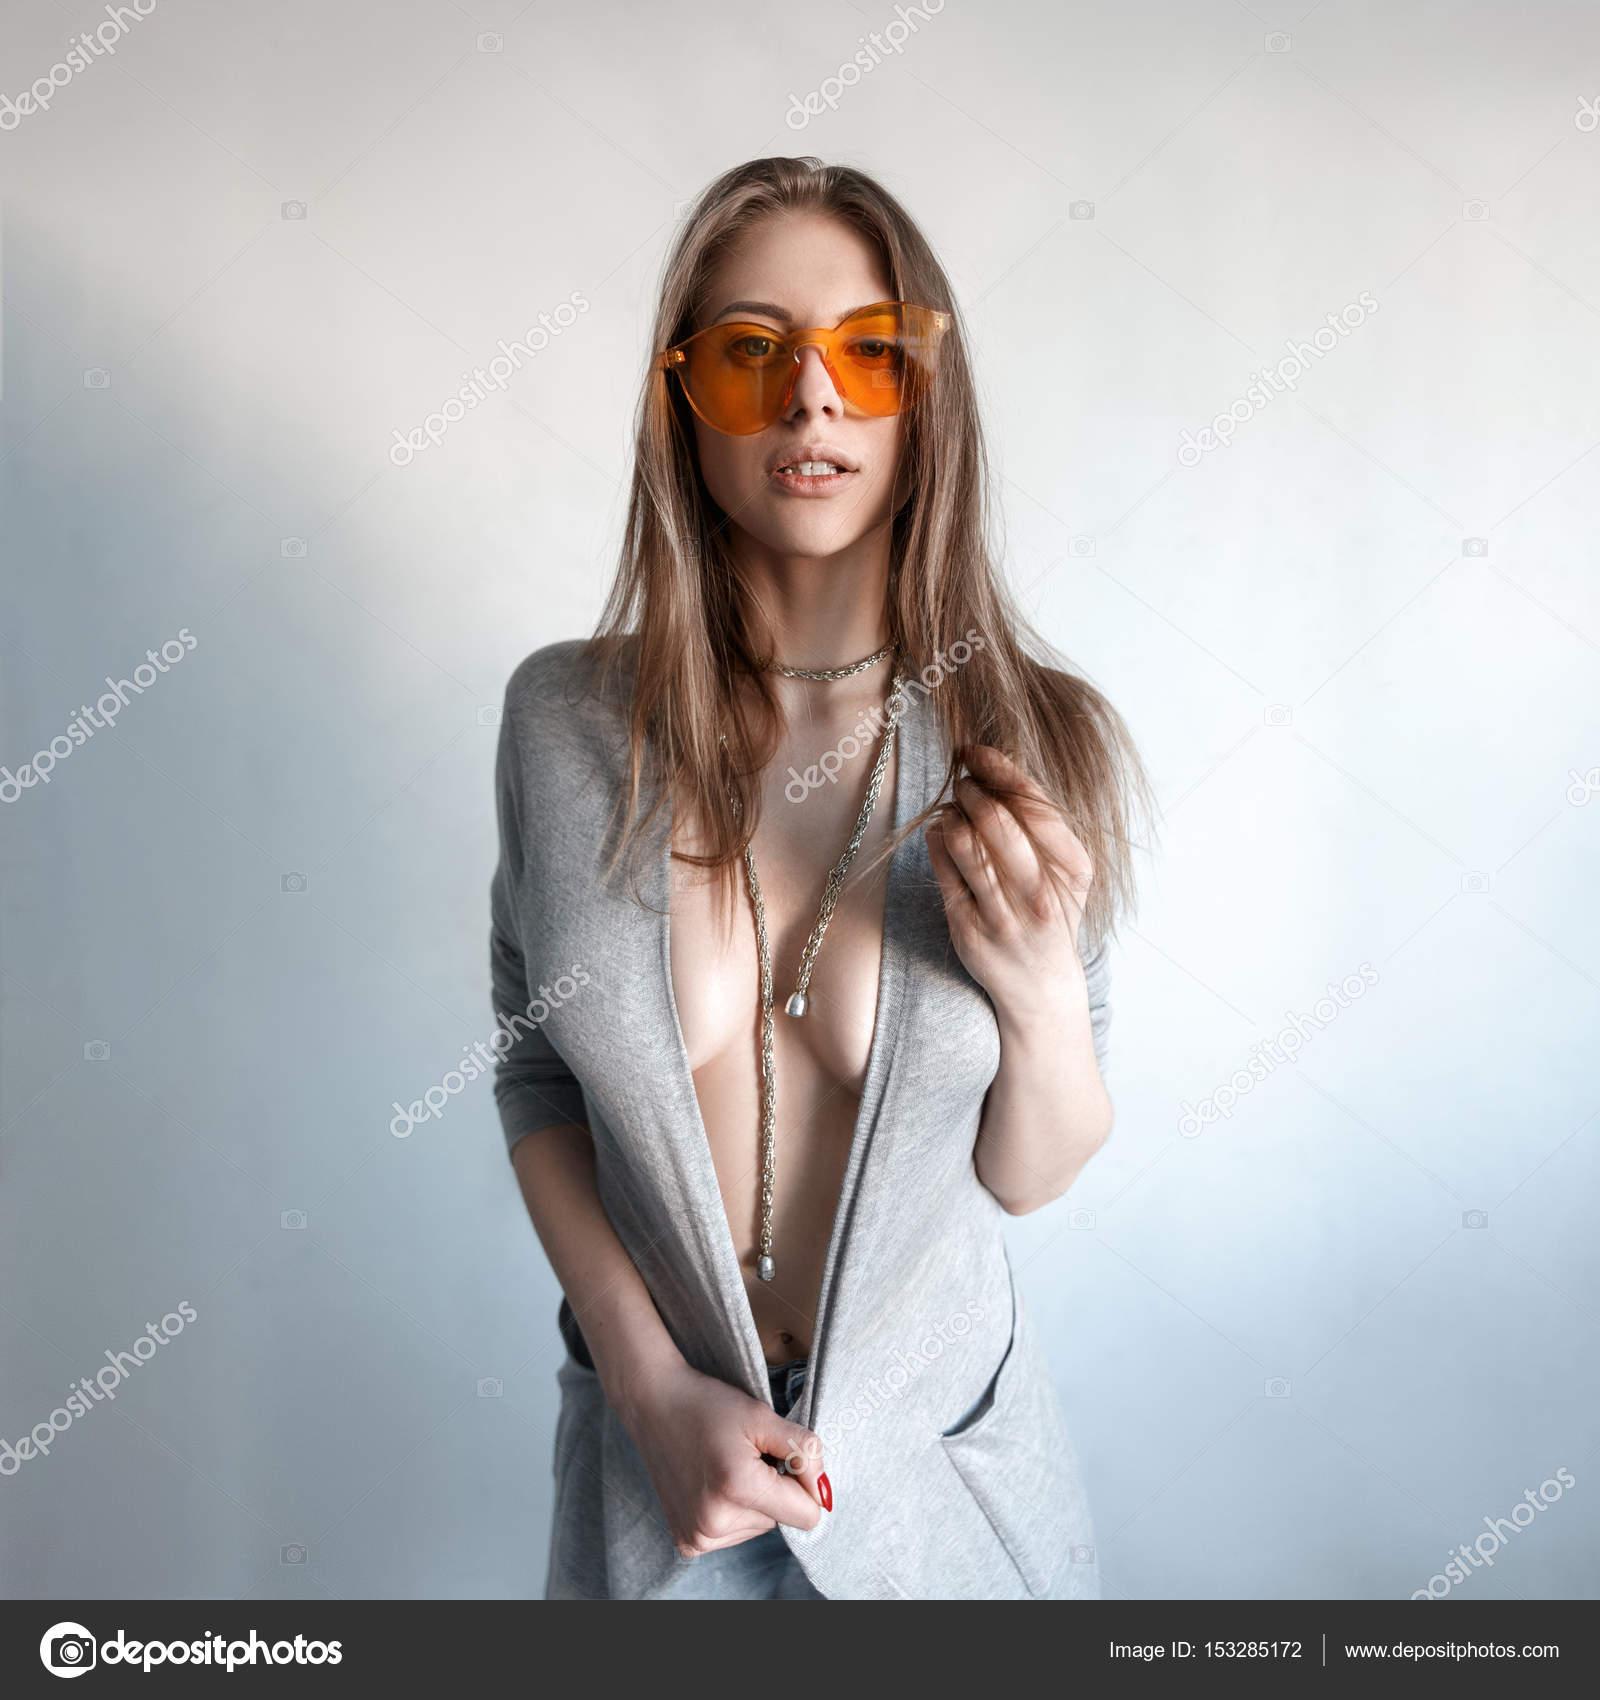 Очки девушка сексуально